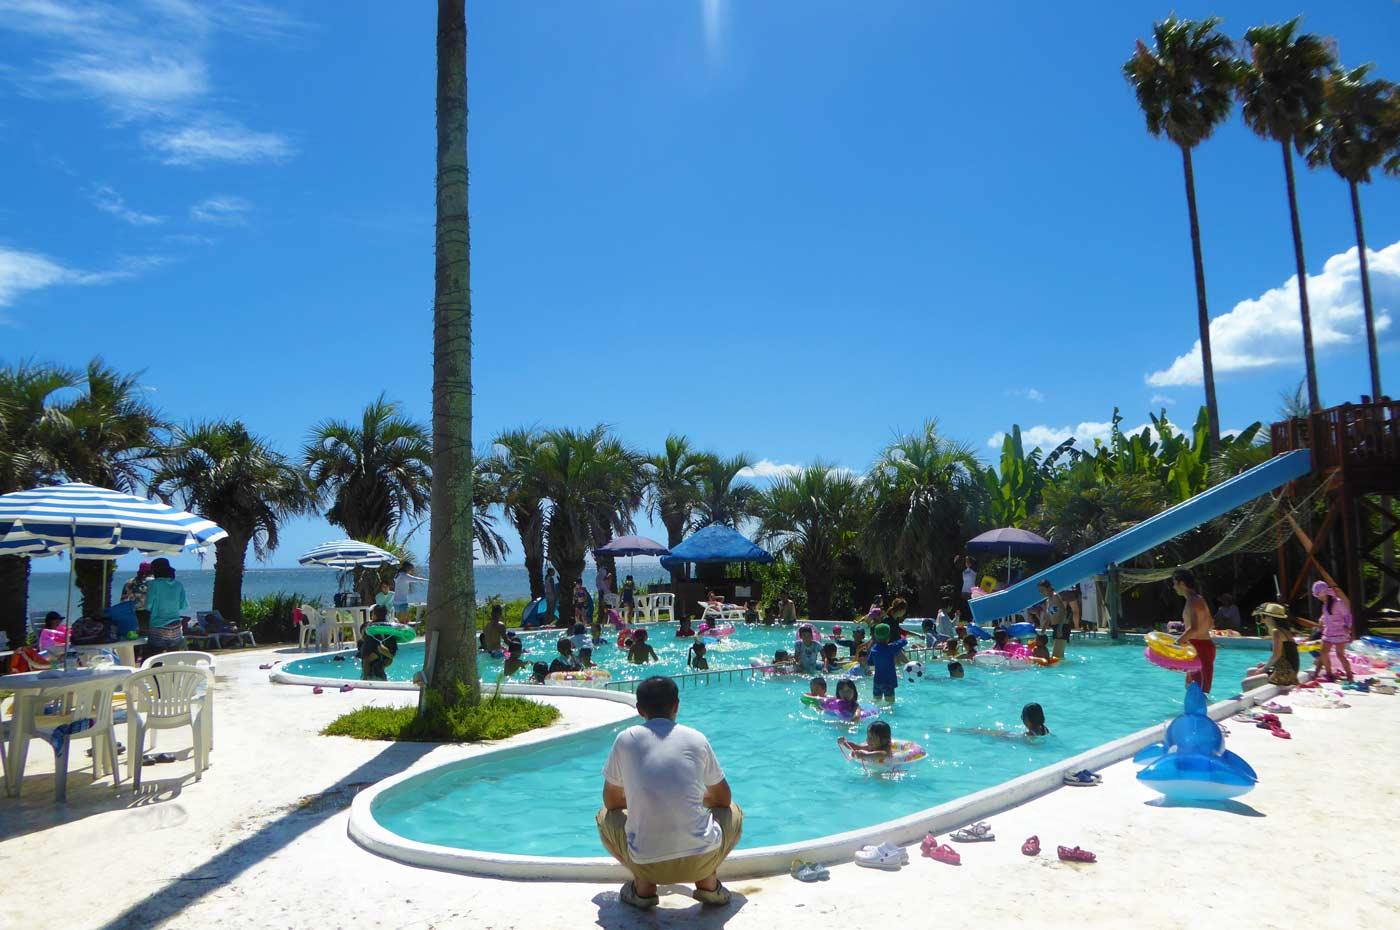 白浜フラワーパークの屋外プール